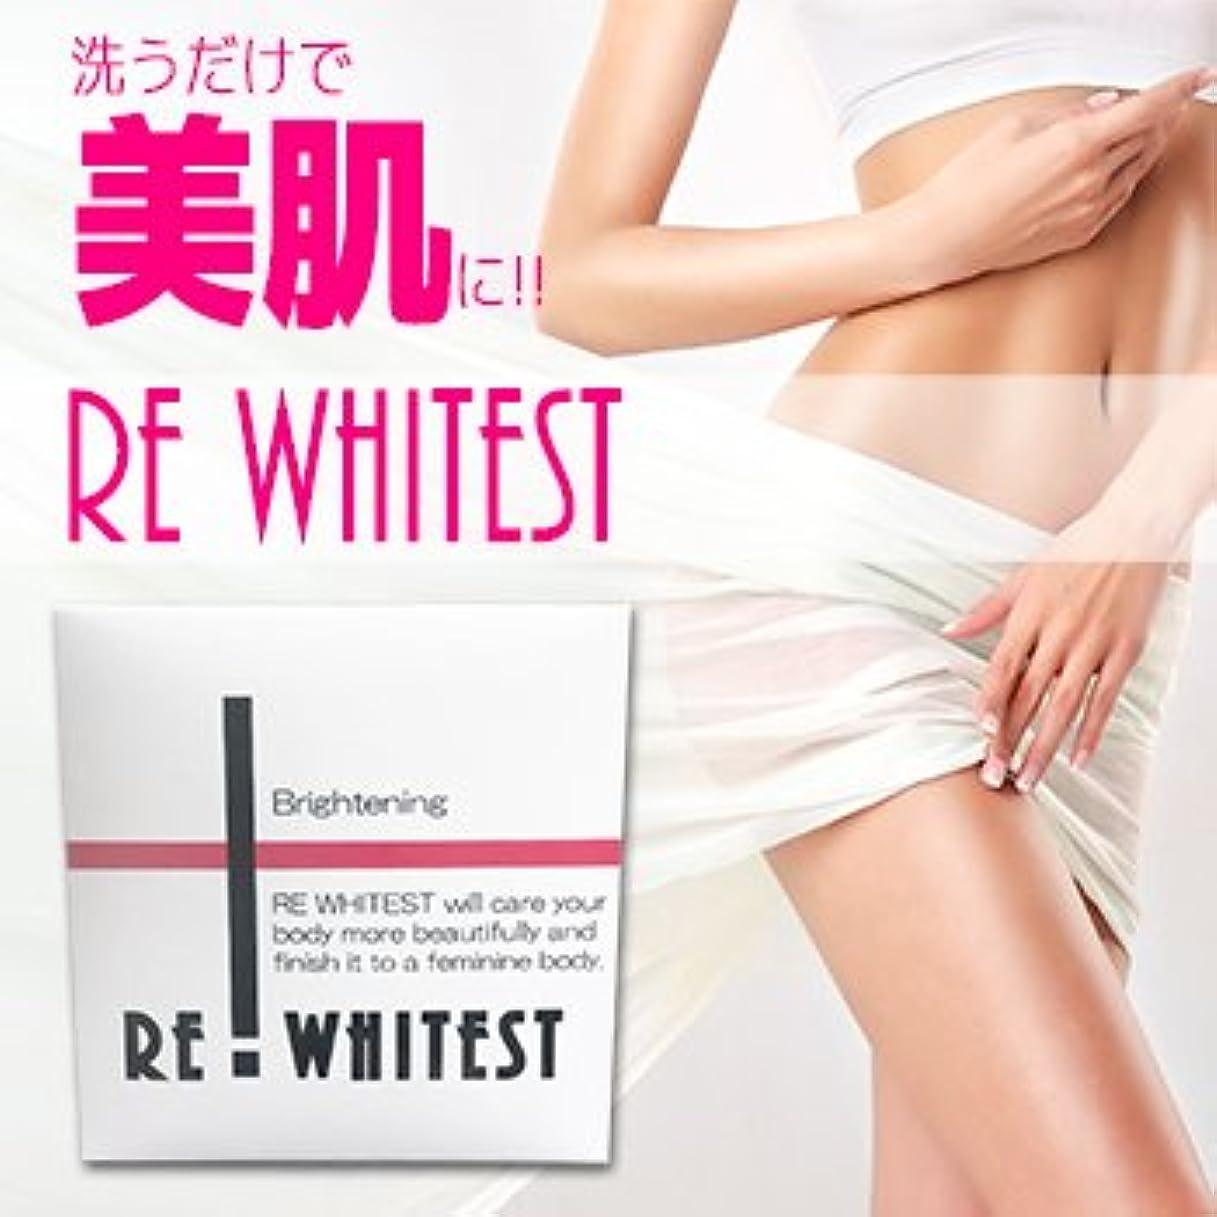 細分化する文宿泊施設パパイン+イソフラボン配合女性用美肌石鹸 REWHITEST-リホワイテスト-